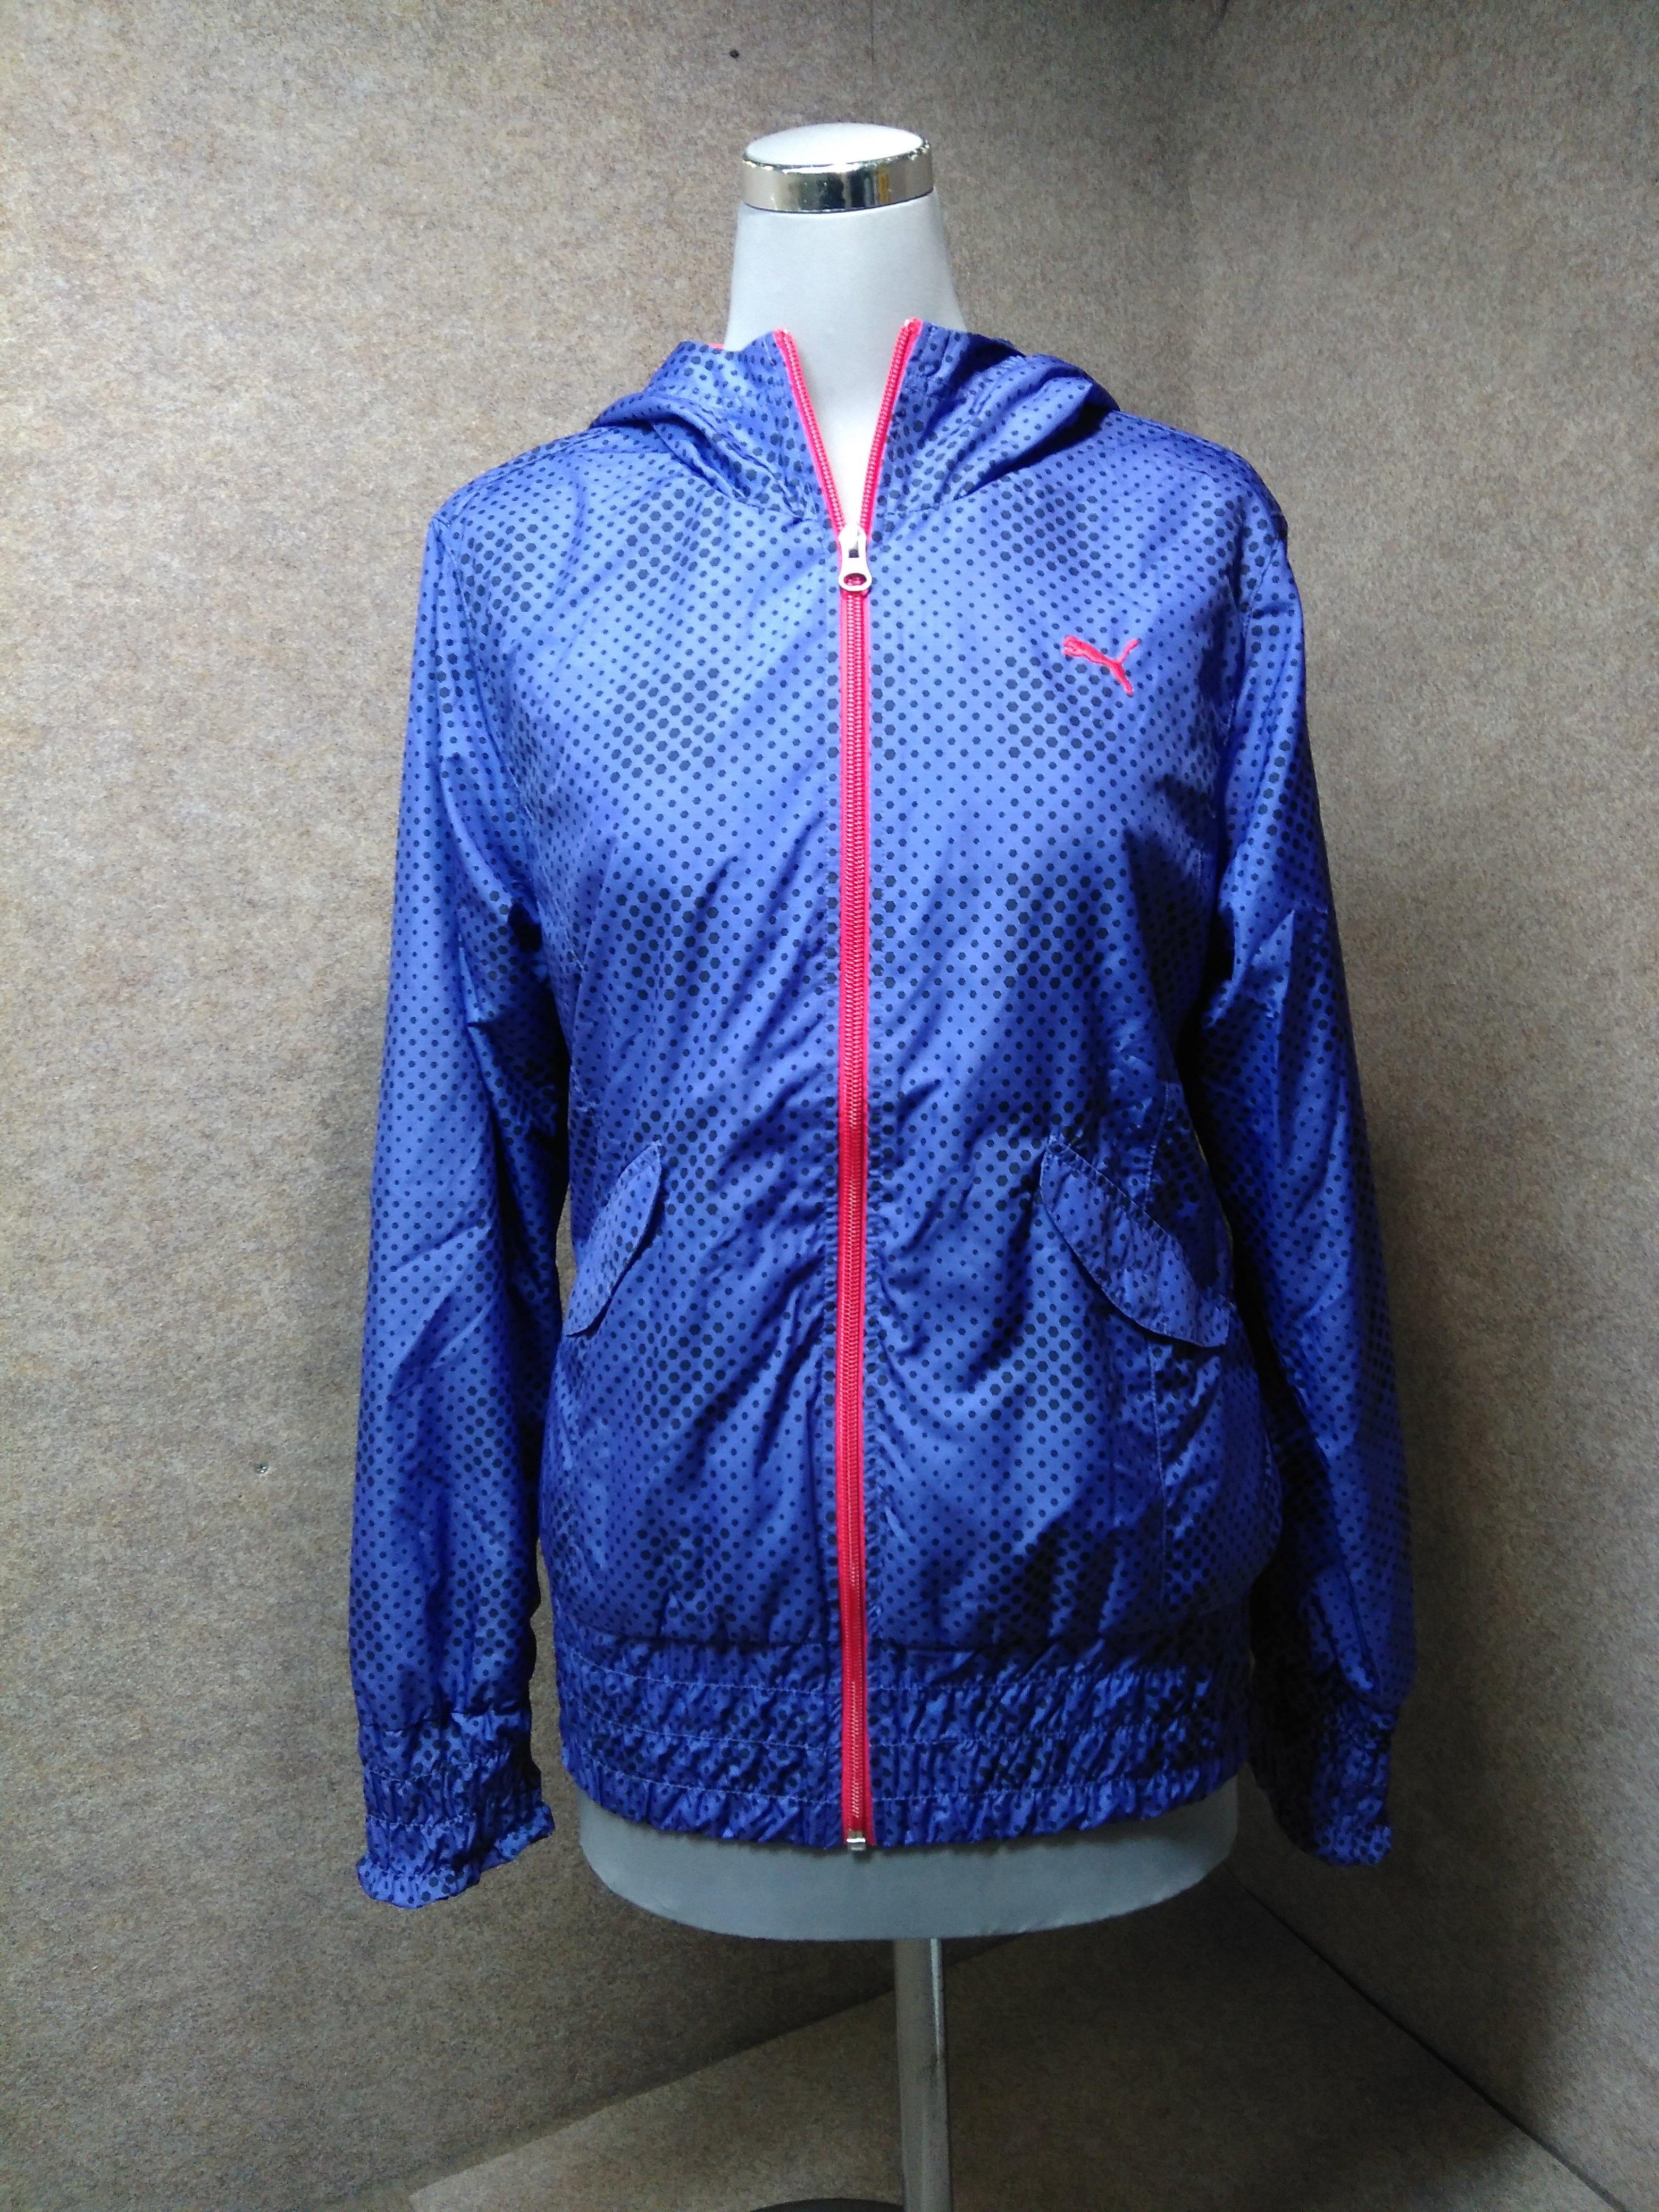 【PUMA/プーマ】 レディース デザインジャケット ウエンドブレーカー 内ボア 青紫系 フード付き hs6【送料無料】古着